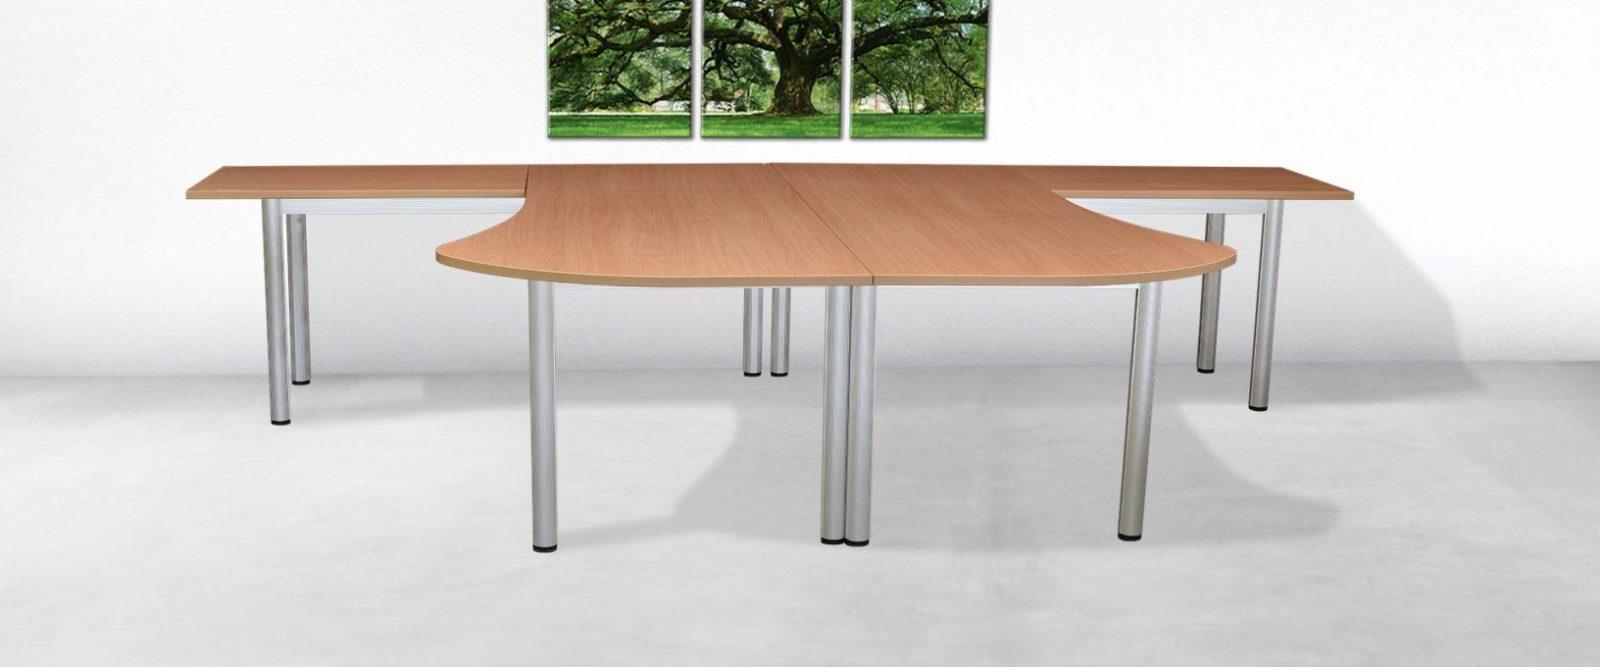 Schreibtisch L Form Erstaunlich Auf Kreative Deko Ideen Für Start In von Schreibtisch In L Form Photo